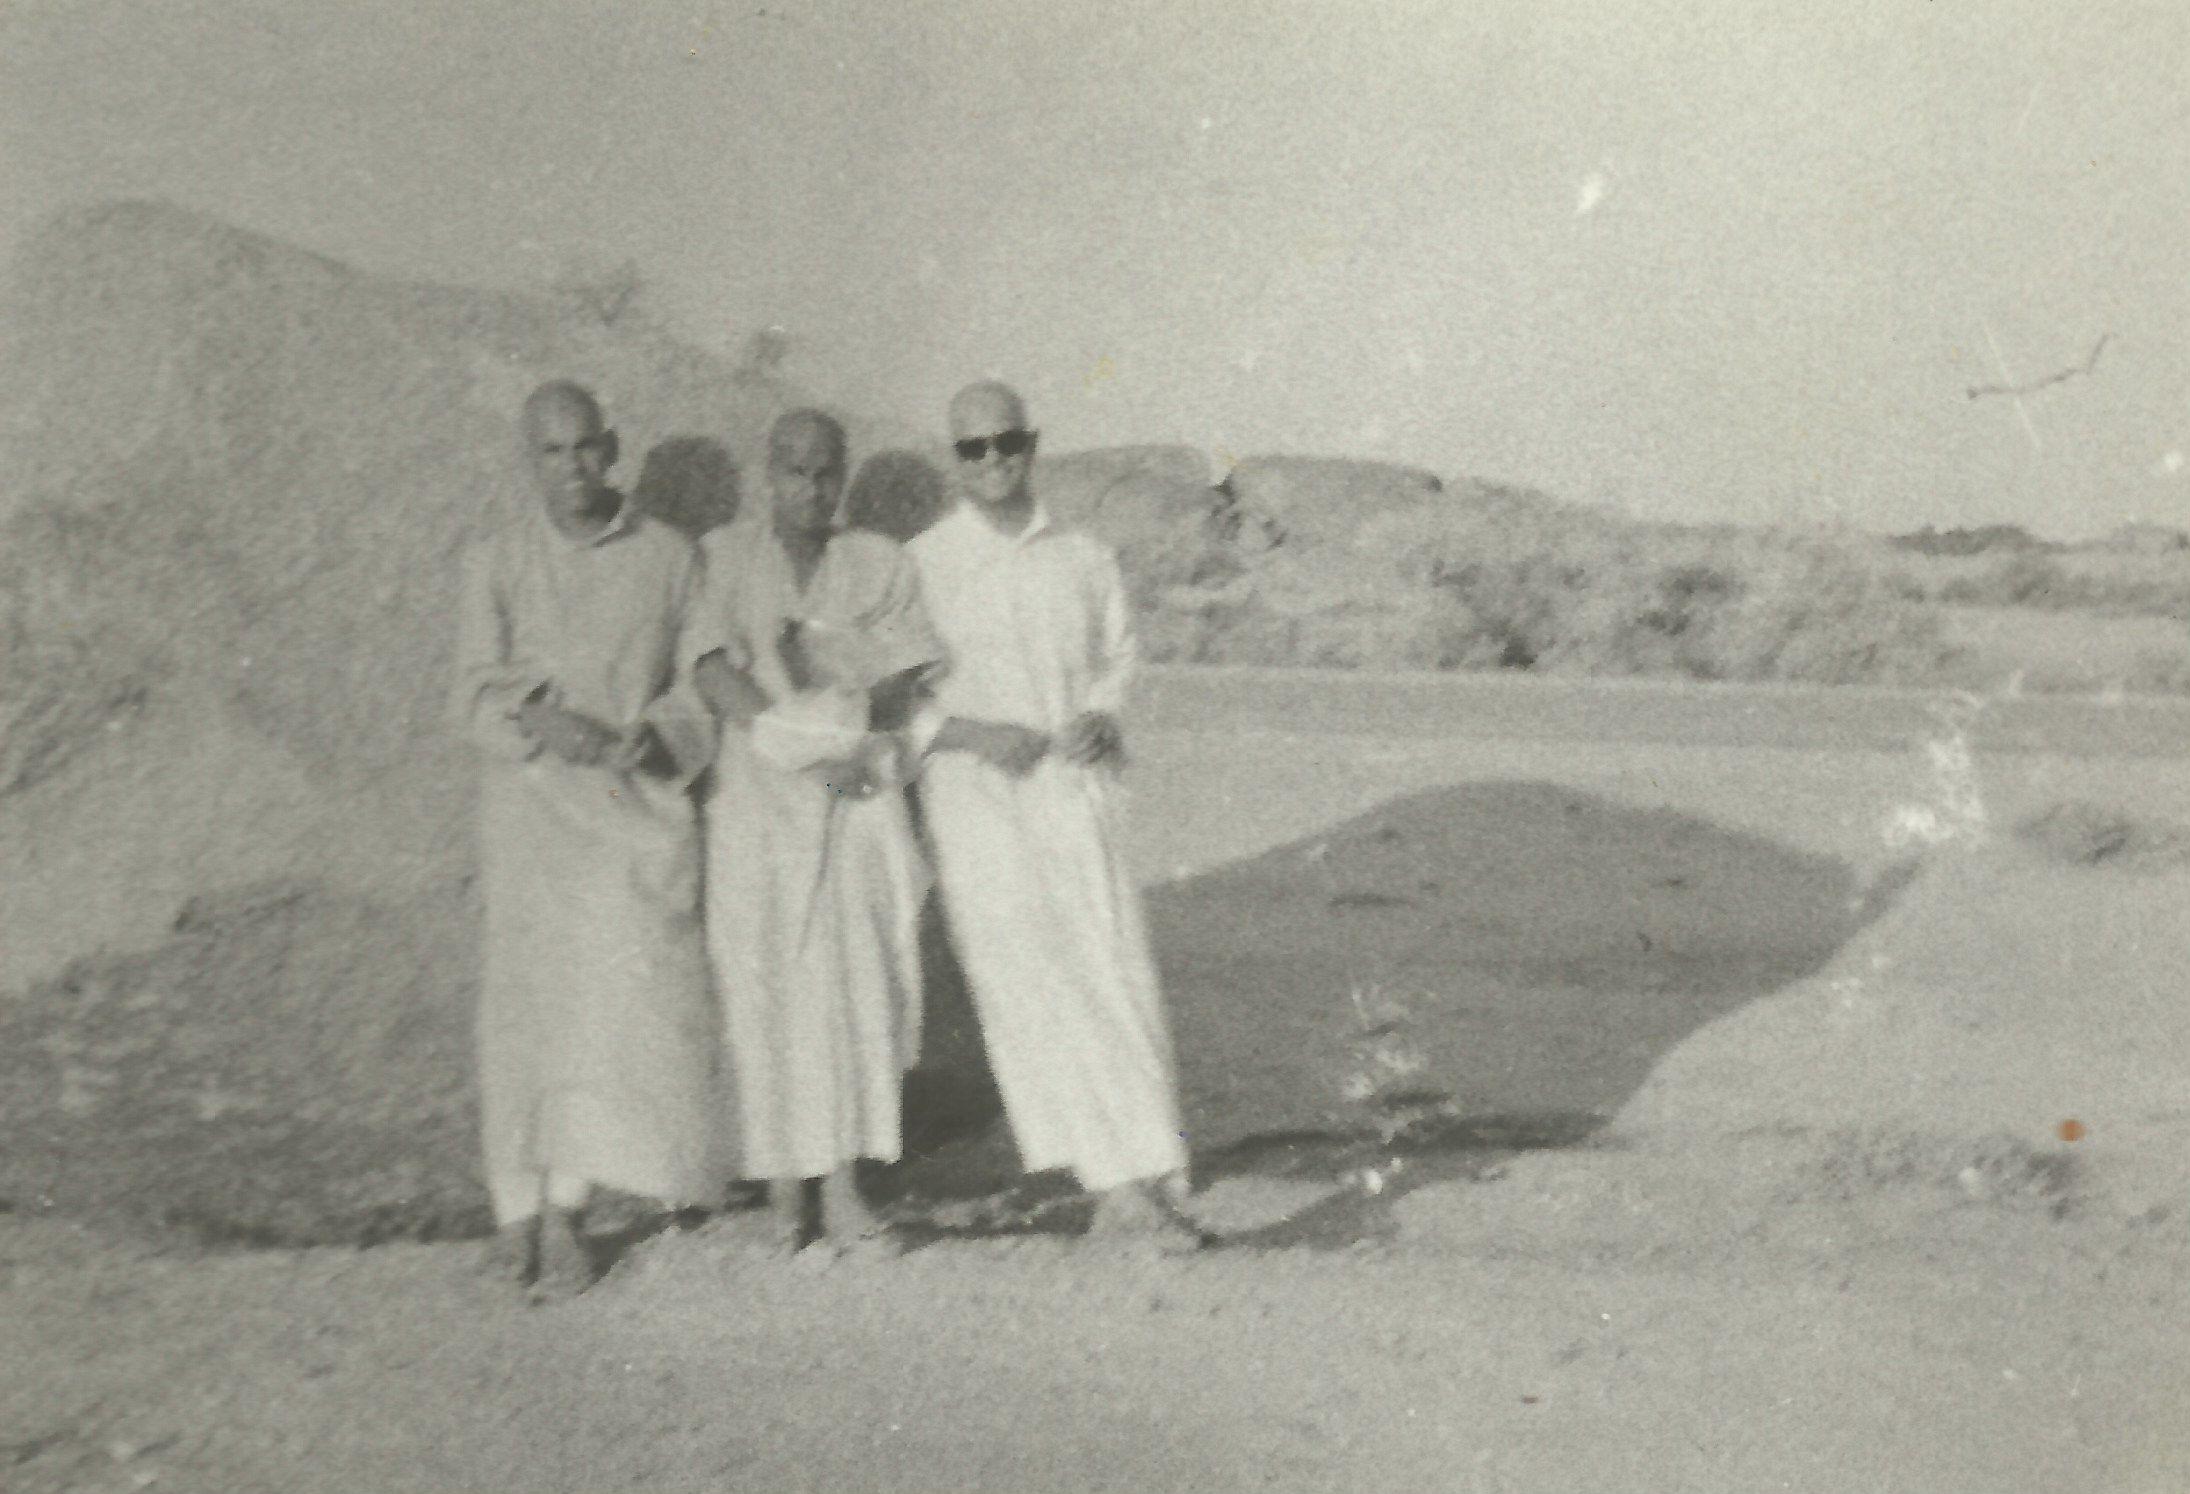 عمرة مع الشباب عام 1973 من اليمين نجيب الرفاعي  - عبدالله الموسى : صاحب حملة الحج    ناصر الدويلة : وزير الشؤن السابق